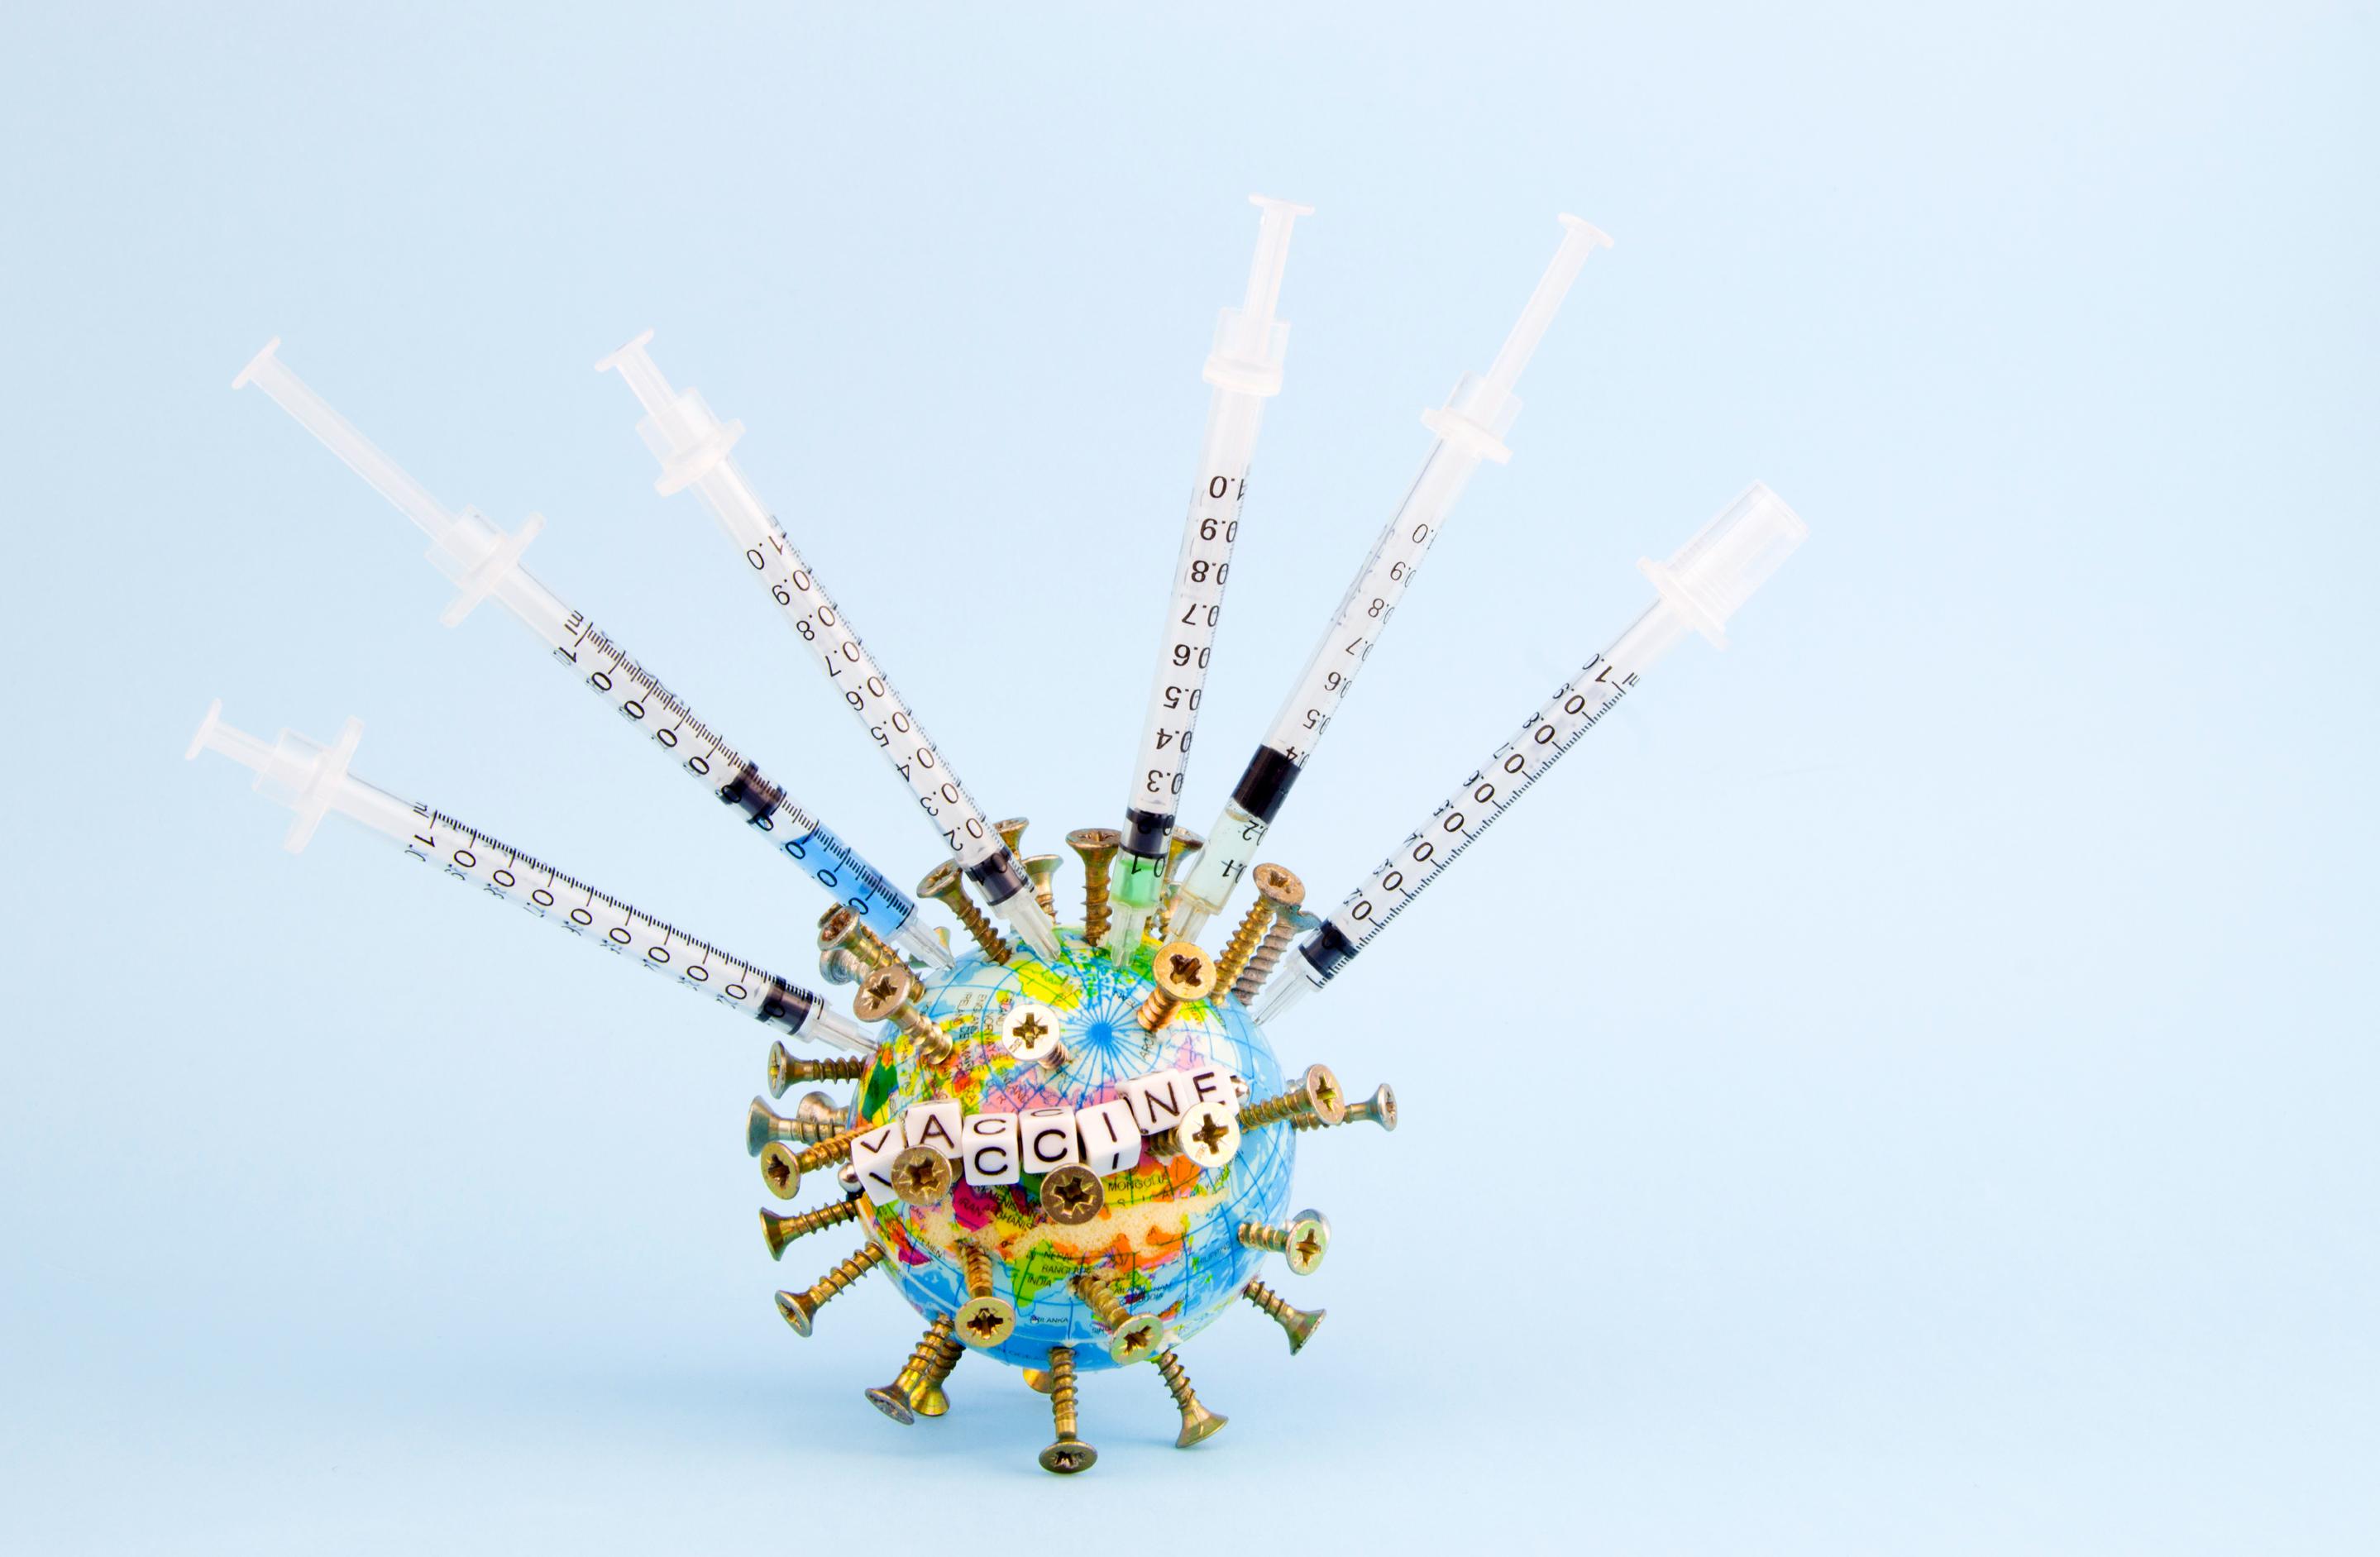 Rétrospective 2020 : La course aux vaccins, des airs de guerre froide .. (2/2)